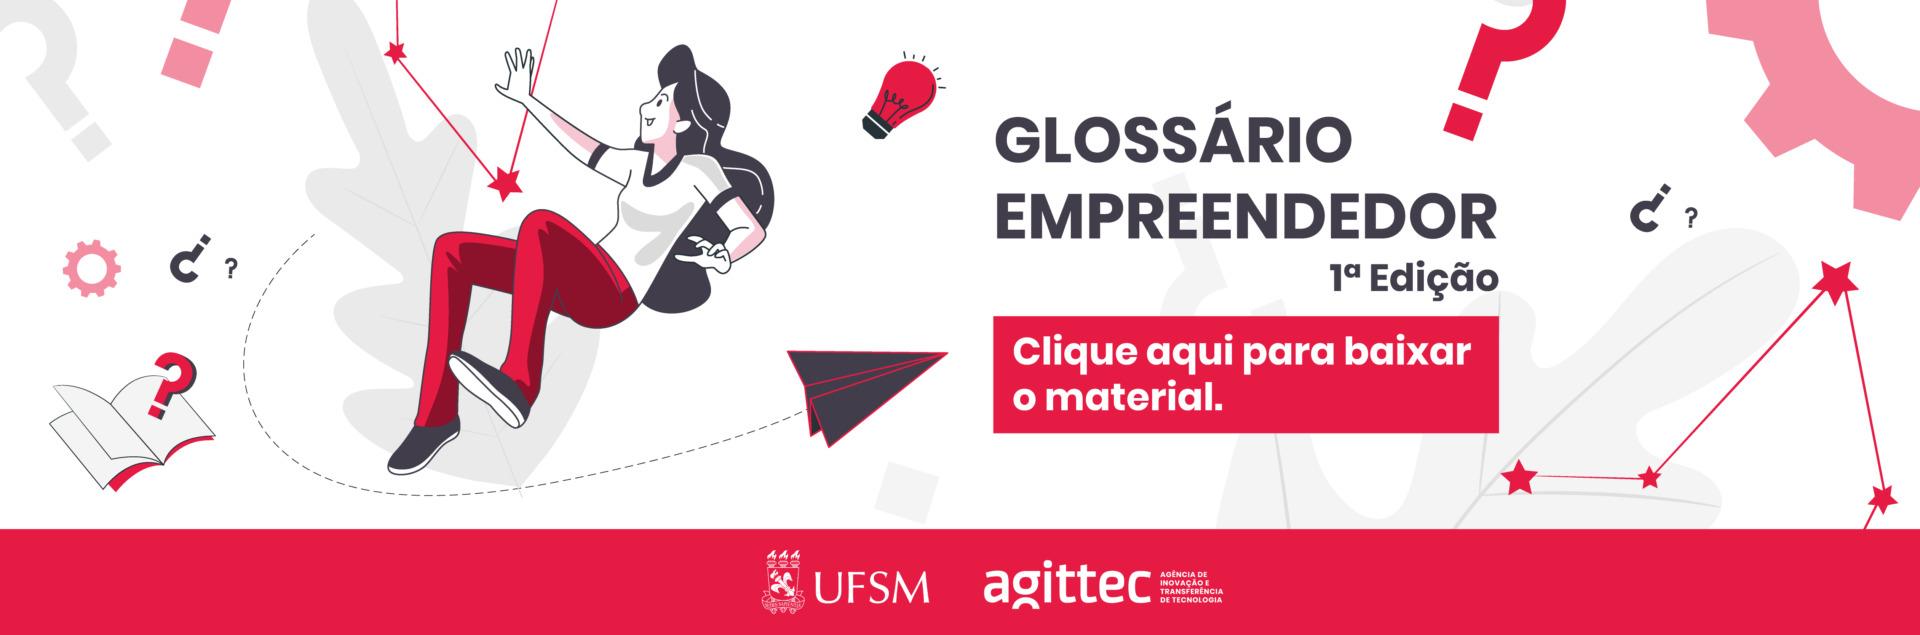 Glossário Empreendedor 1°Edição - Clique aqui para baixar o material.